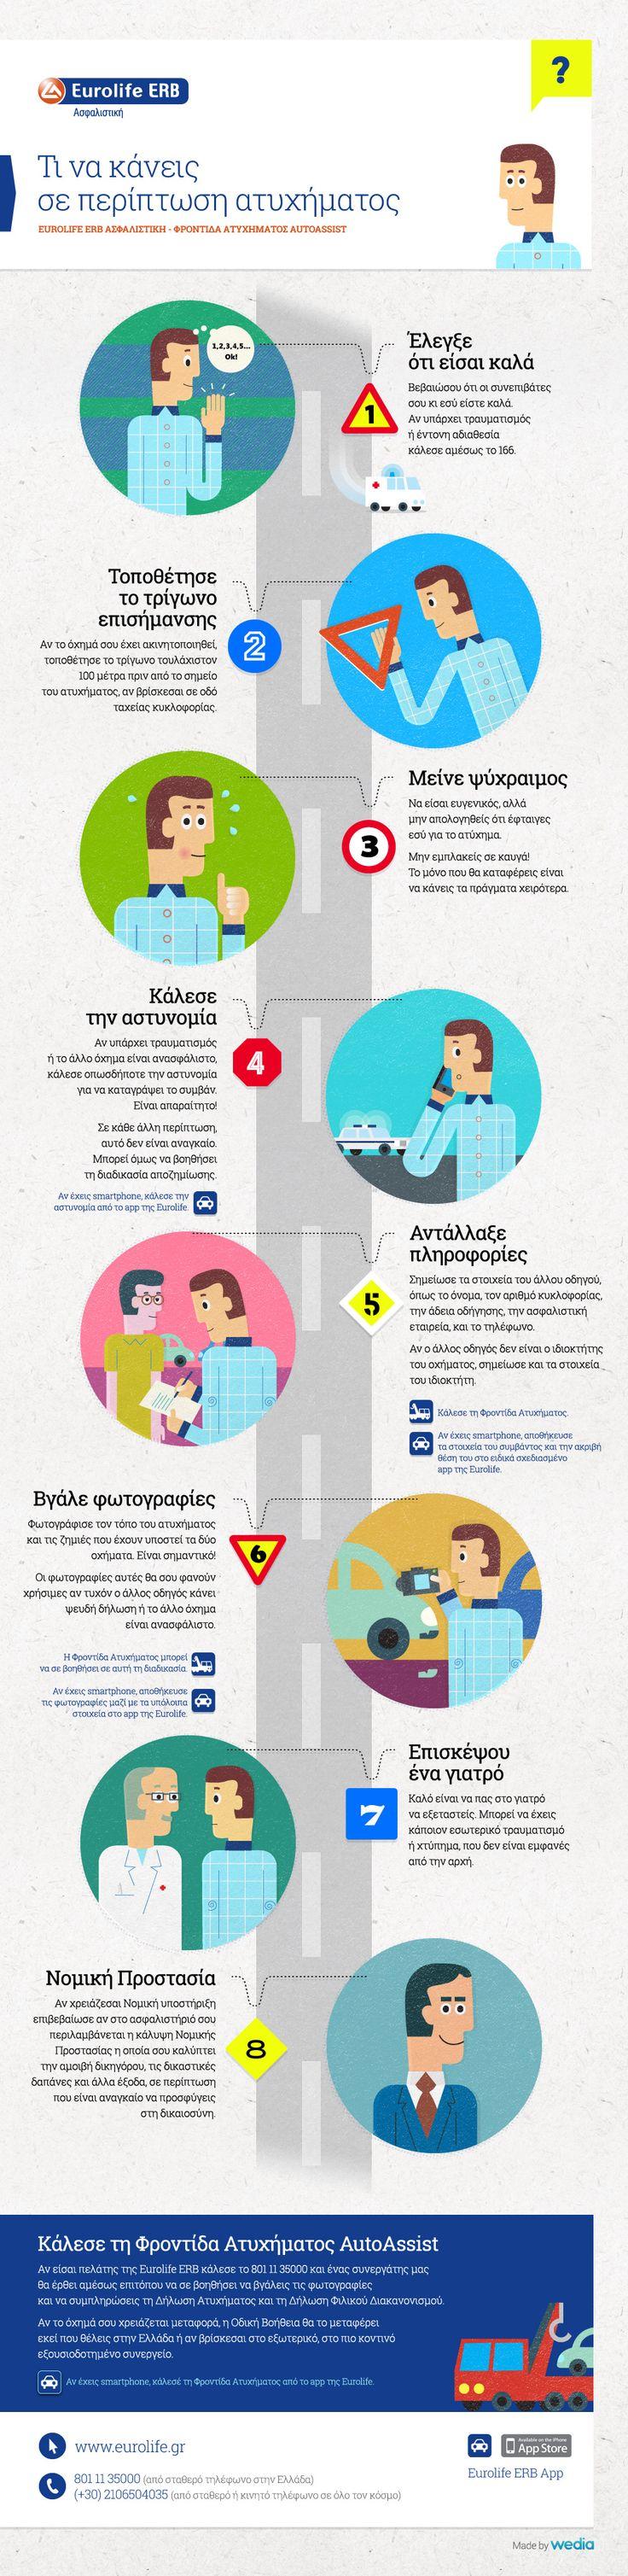 8 ψύχραιμα βήματα αν βρεθείτε σε κάποιο ατύχημα με το αυτοκίνητό σας by #wedia for #eurolife